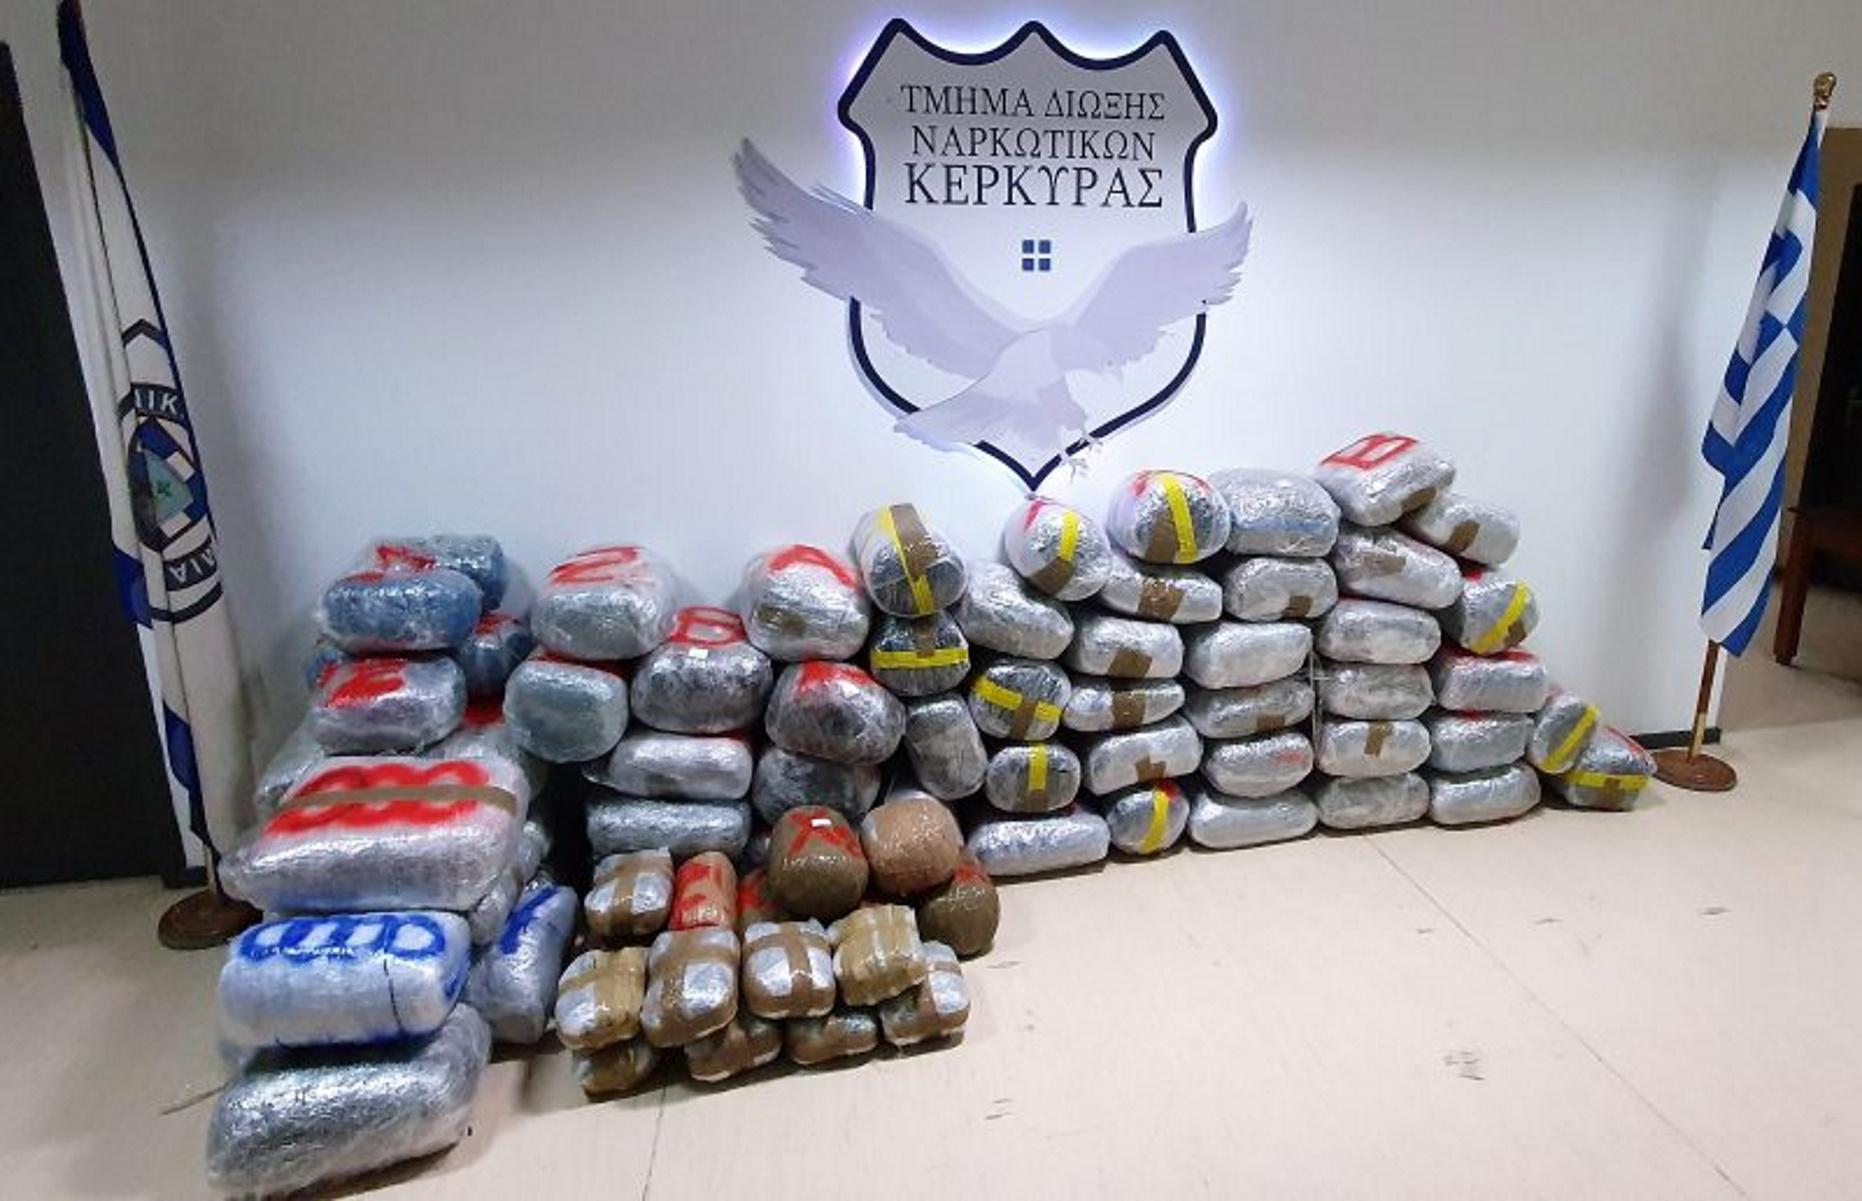 Κέρκυρα: Συνελήφθη αλλοδαπός με 322 κιλά κάνναβης – Πώς στήθηκε η αστυνομική επιχείρηση (pics, video)